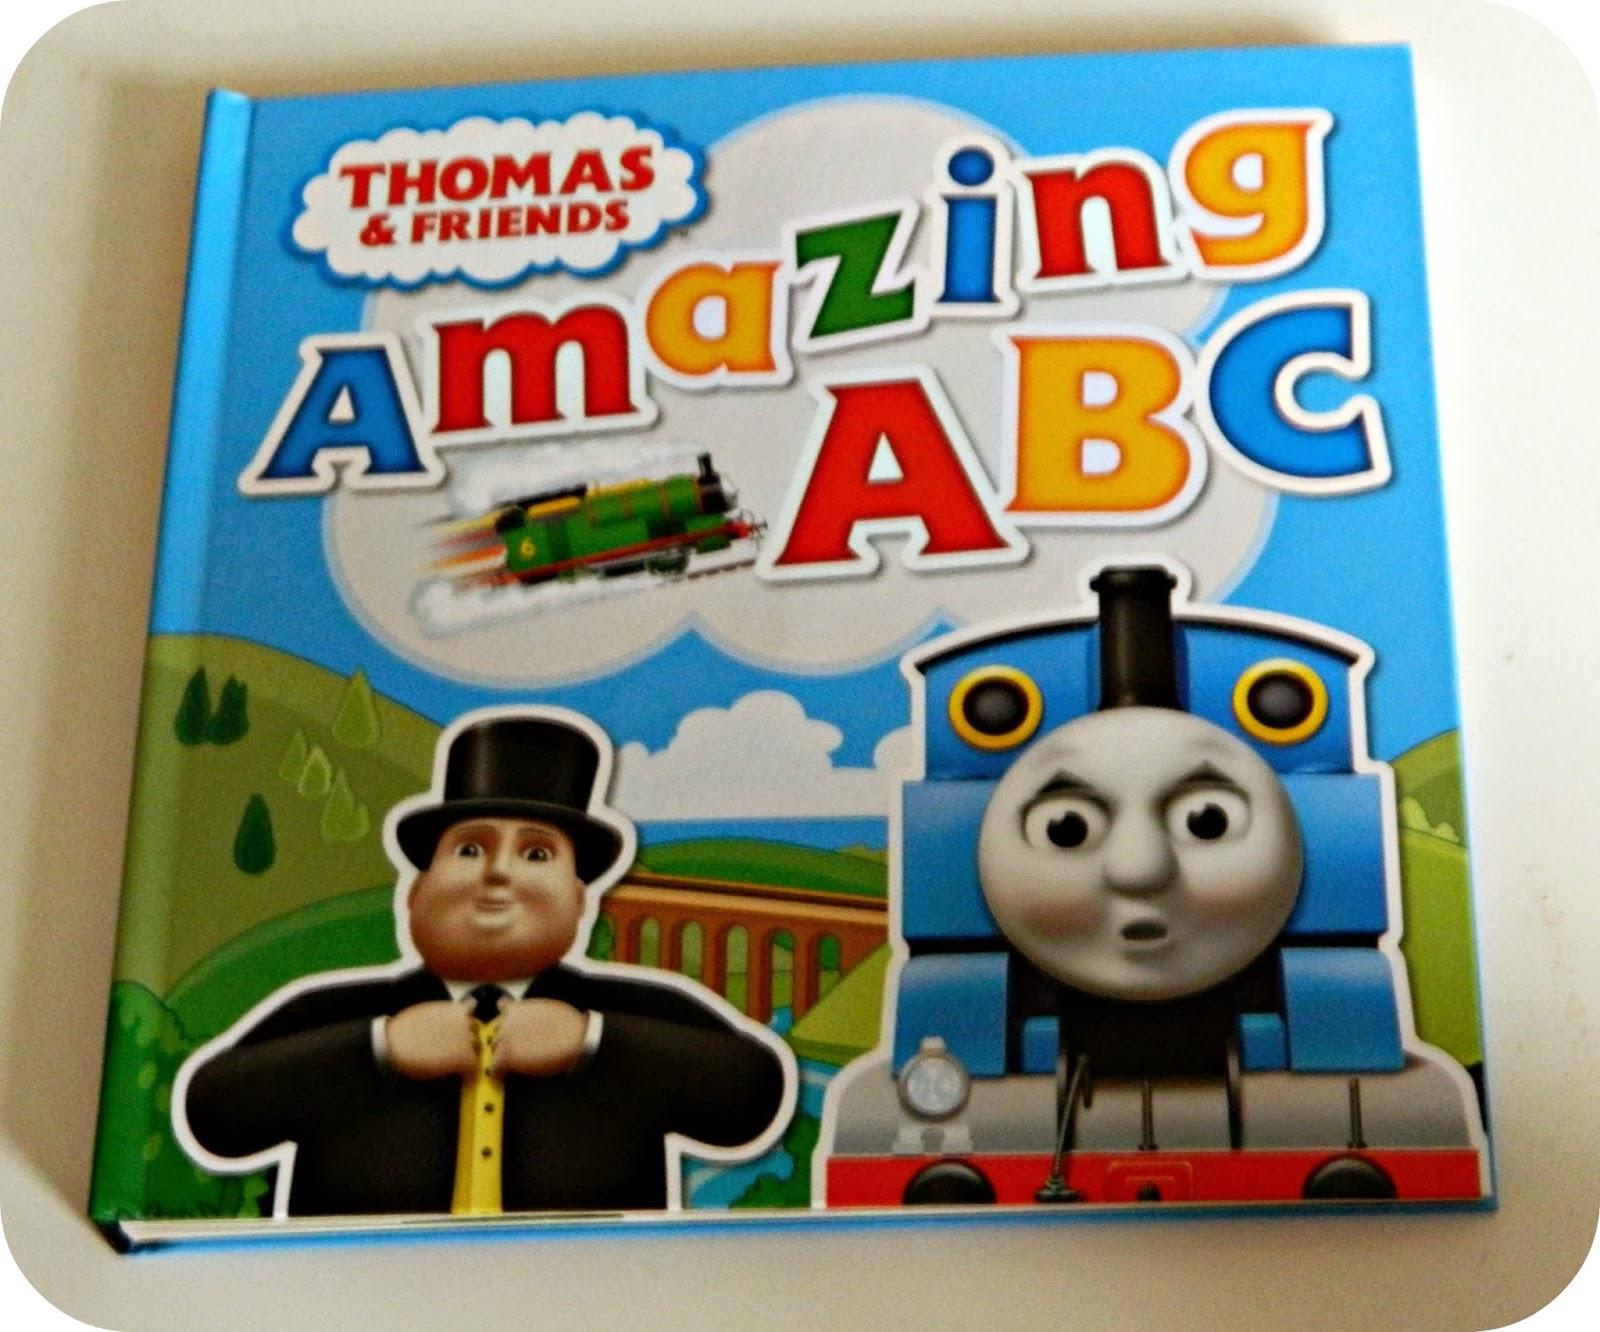 Thomas & Friends Amazing ABC Egmont Publishing